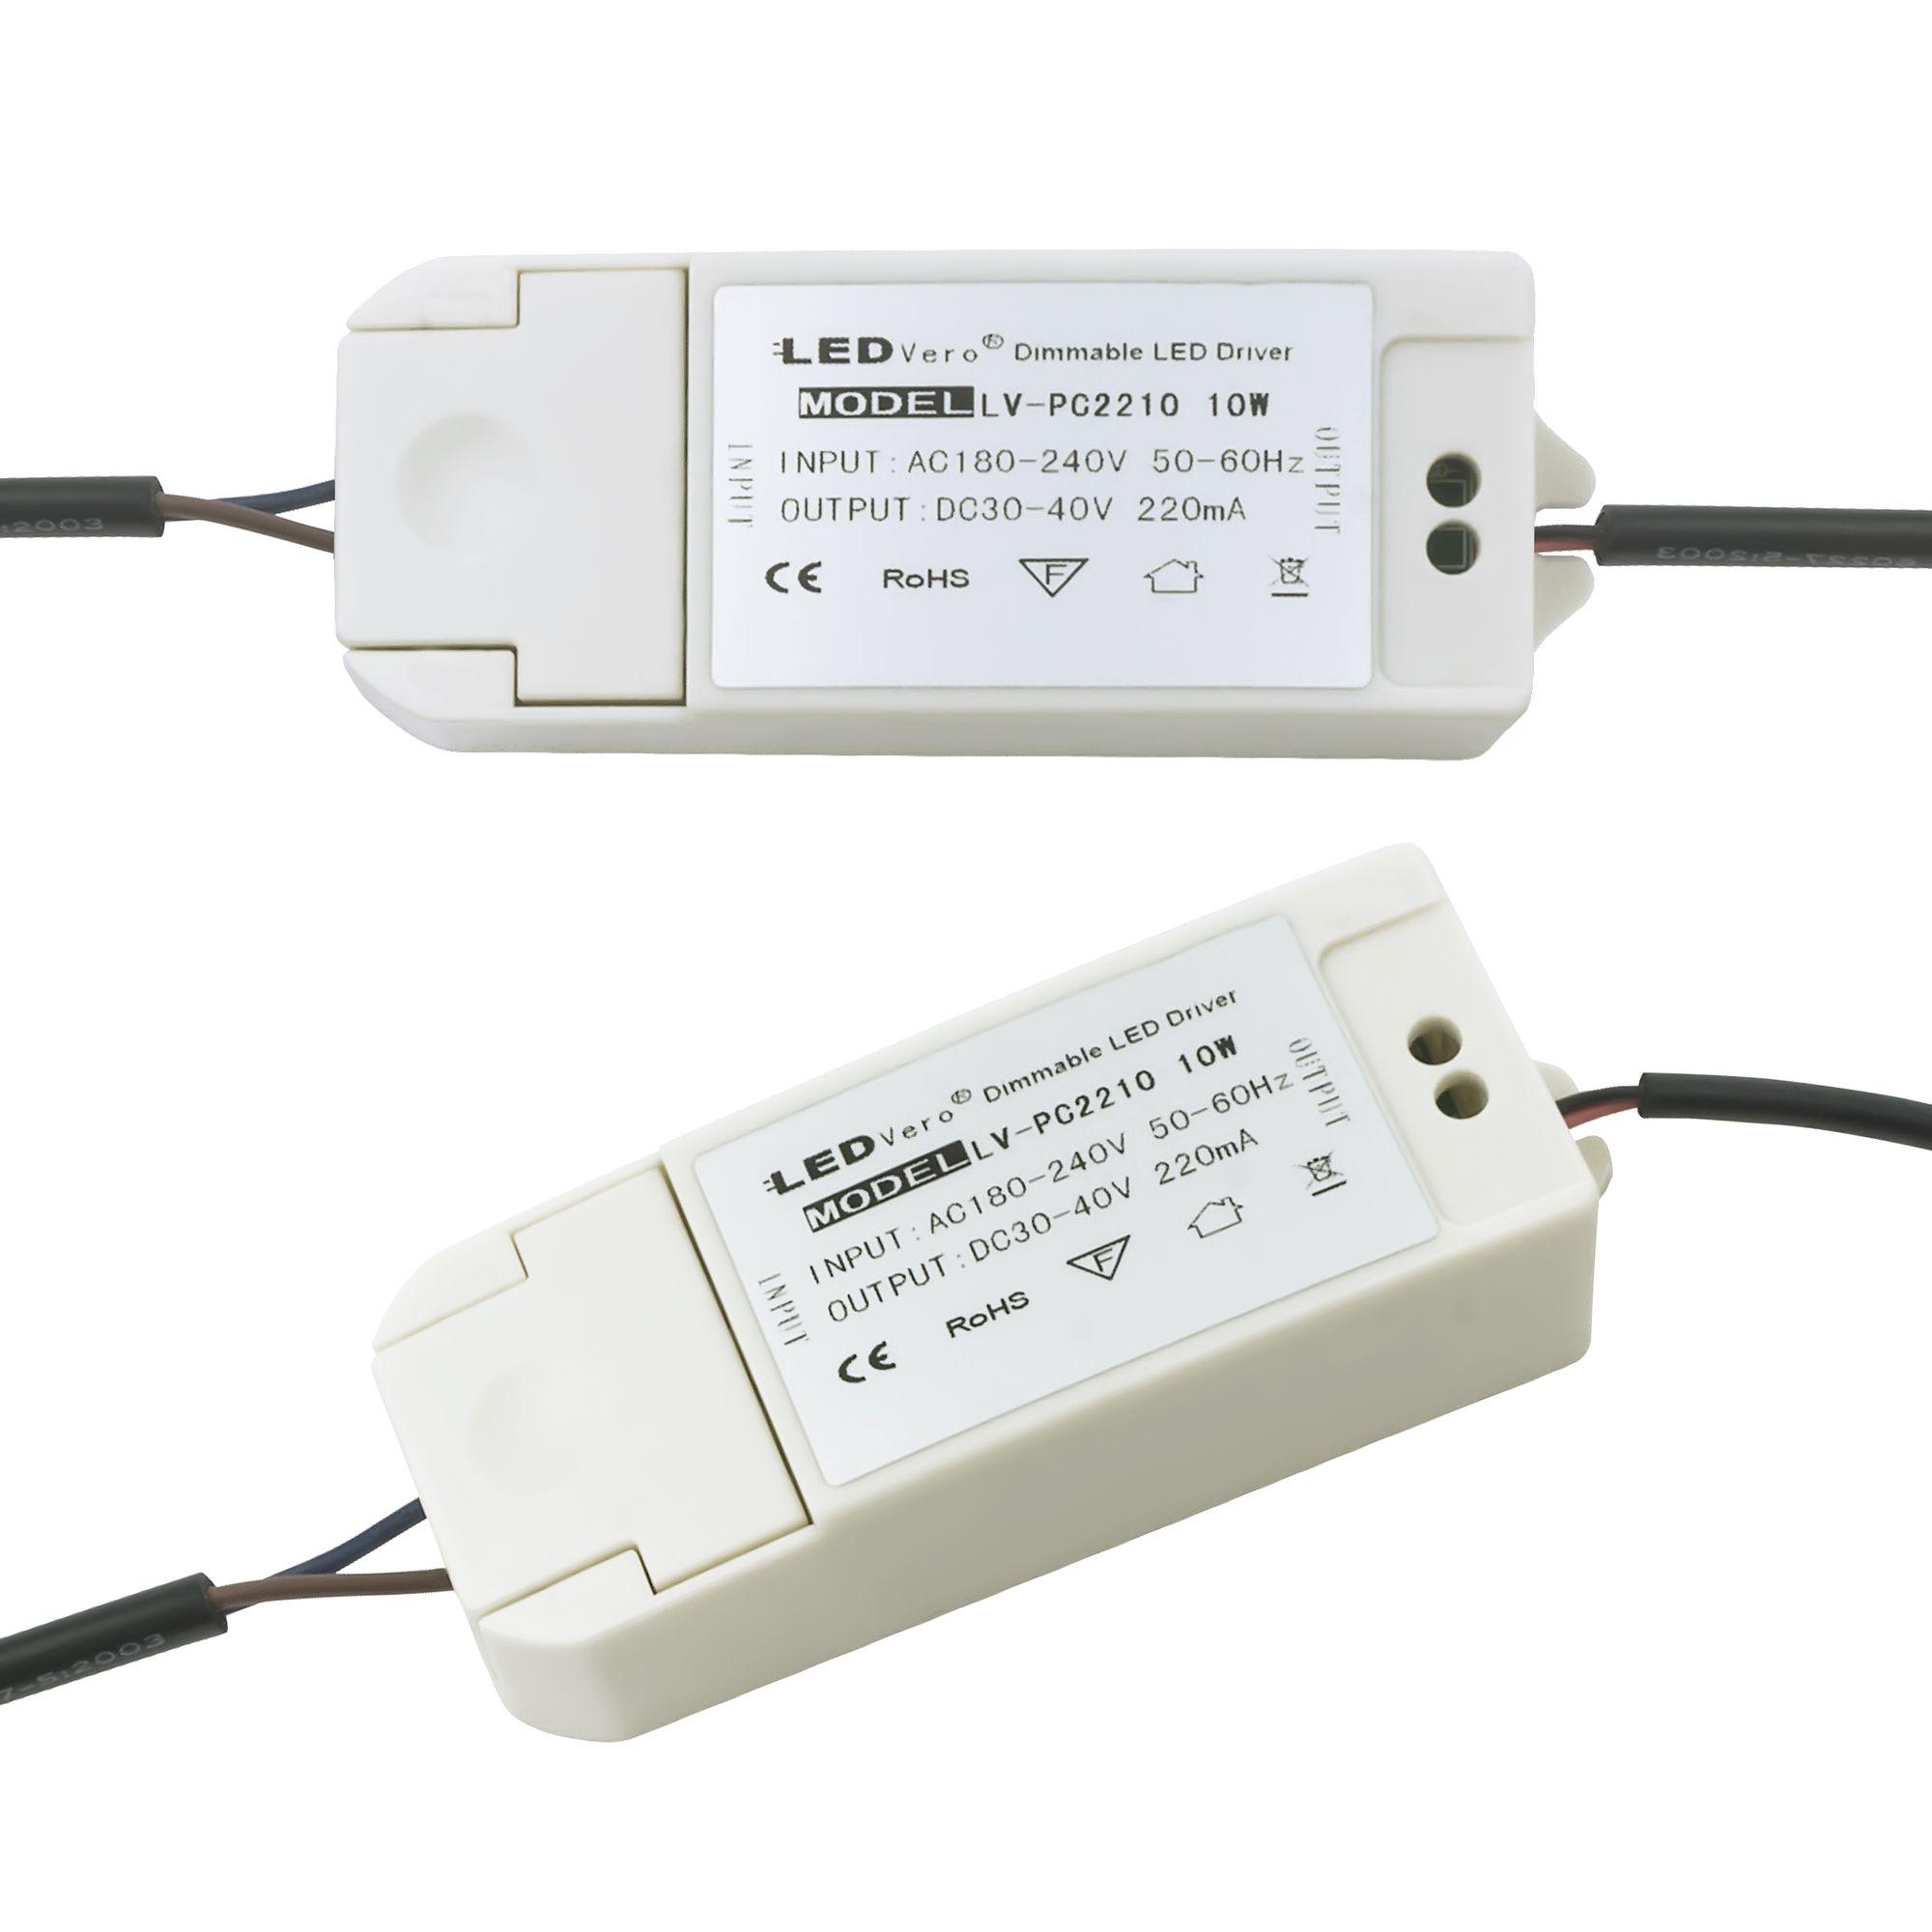 10W LED Transformator dimmbar für 30x30 Ultraslim LED Panel EMV2016 Trafo Treiber Driver Controller für Einbaustrahler Einbauleuchte Deckenleuchte